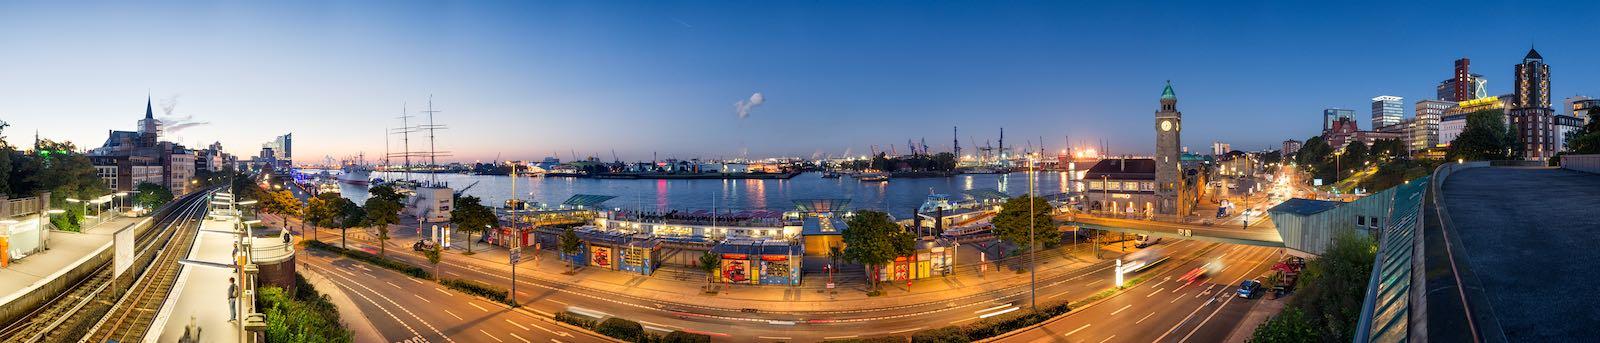 Sonnenaufgang über den Landungsbrücken in Hamburg